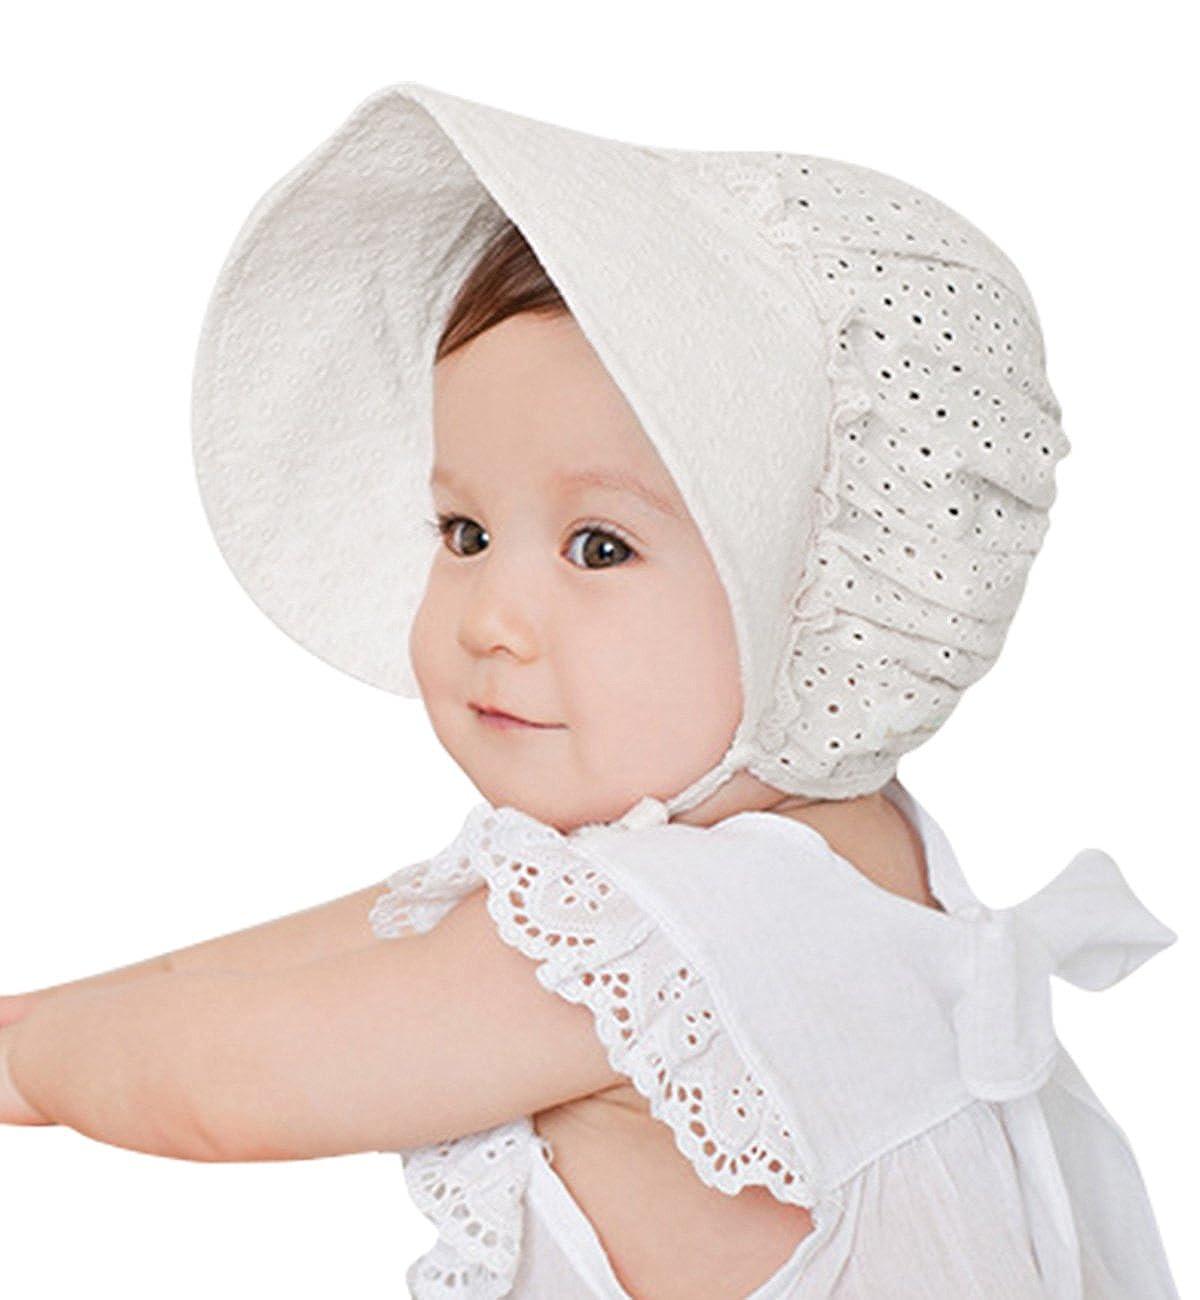 Sumolux Chapeau de Soleil Chapeau Anti UV en Coton Dentelle Mignon Pour Bebe Fille Nouveau-né 0-3 Ans en Printemps Eté SZ-07-2